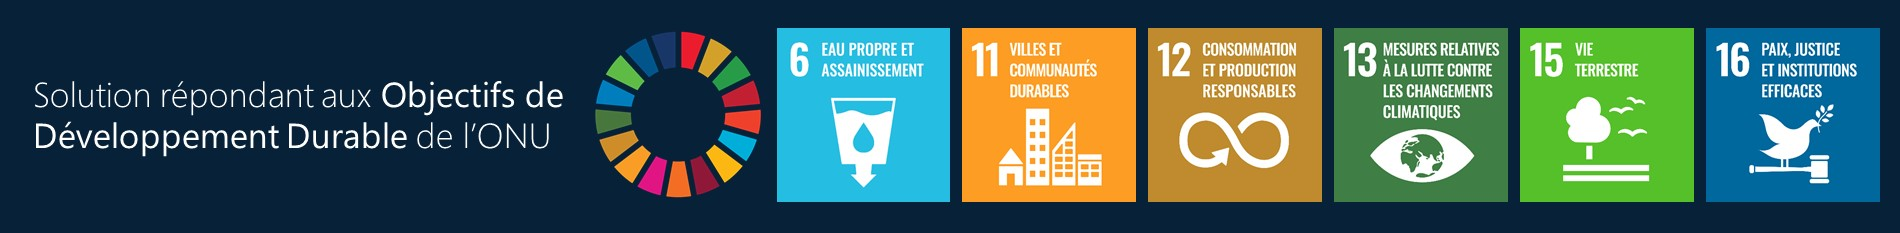 Objectifs Developpement Durable ONU Appui Politiques Publiques Altereo